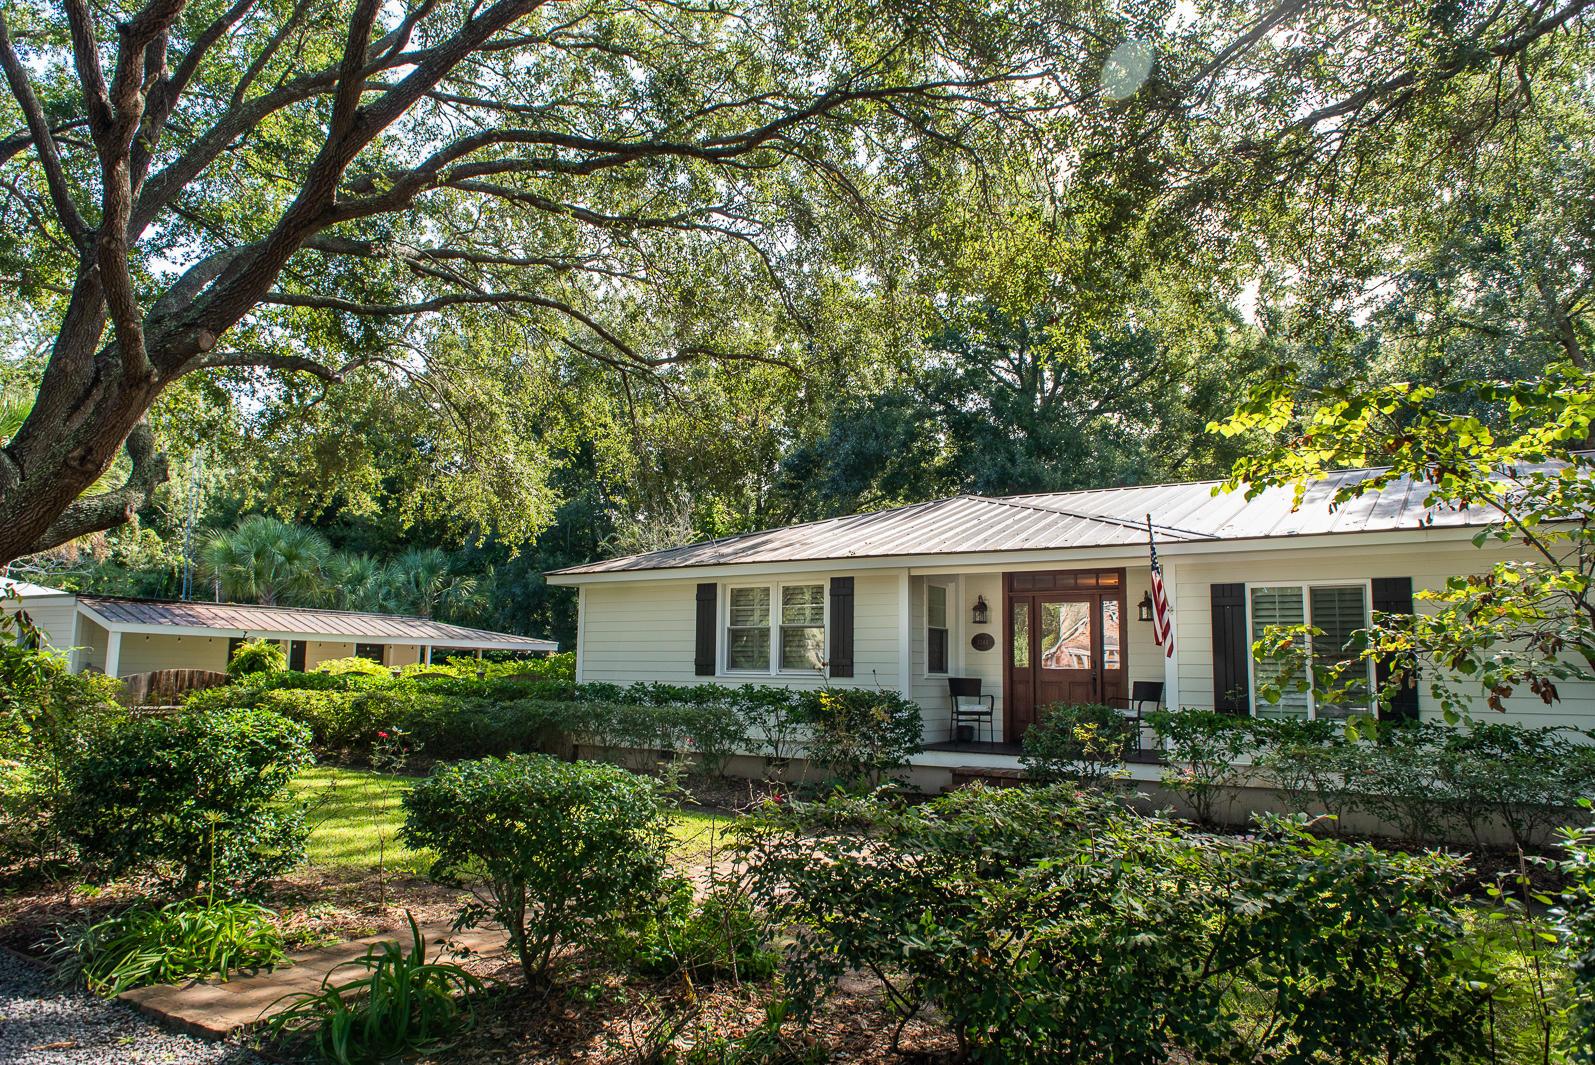 Old Mt Pleasant Homes For Sale - 1344 Fairmont, Mount Pleasant, SC - 7